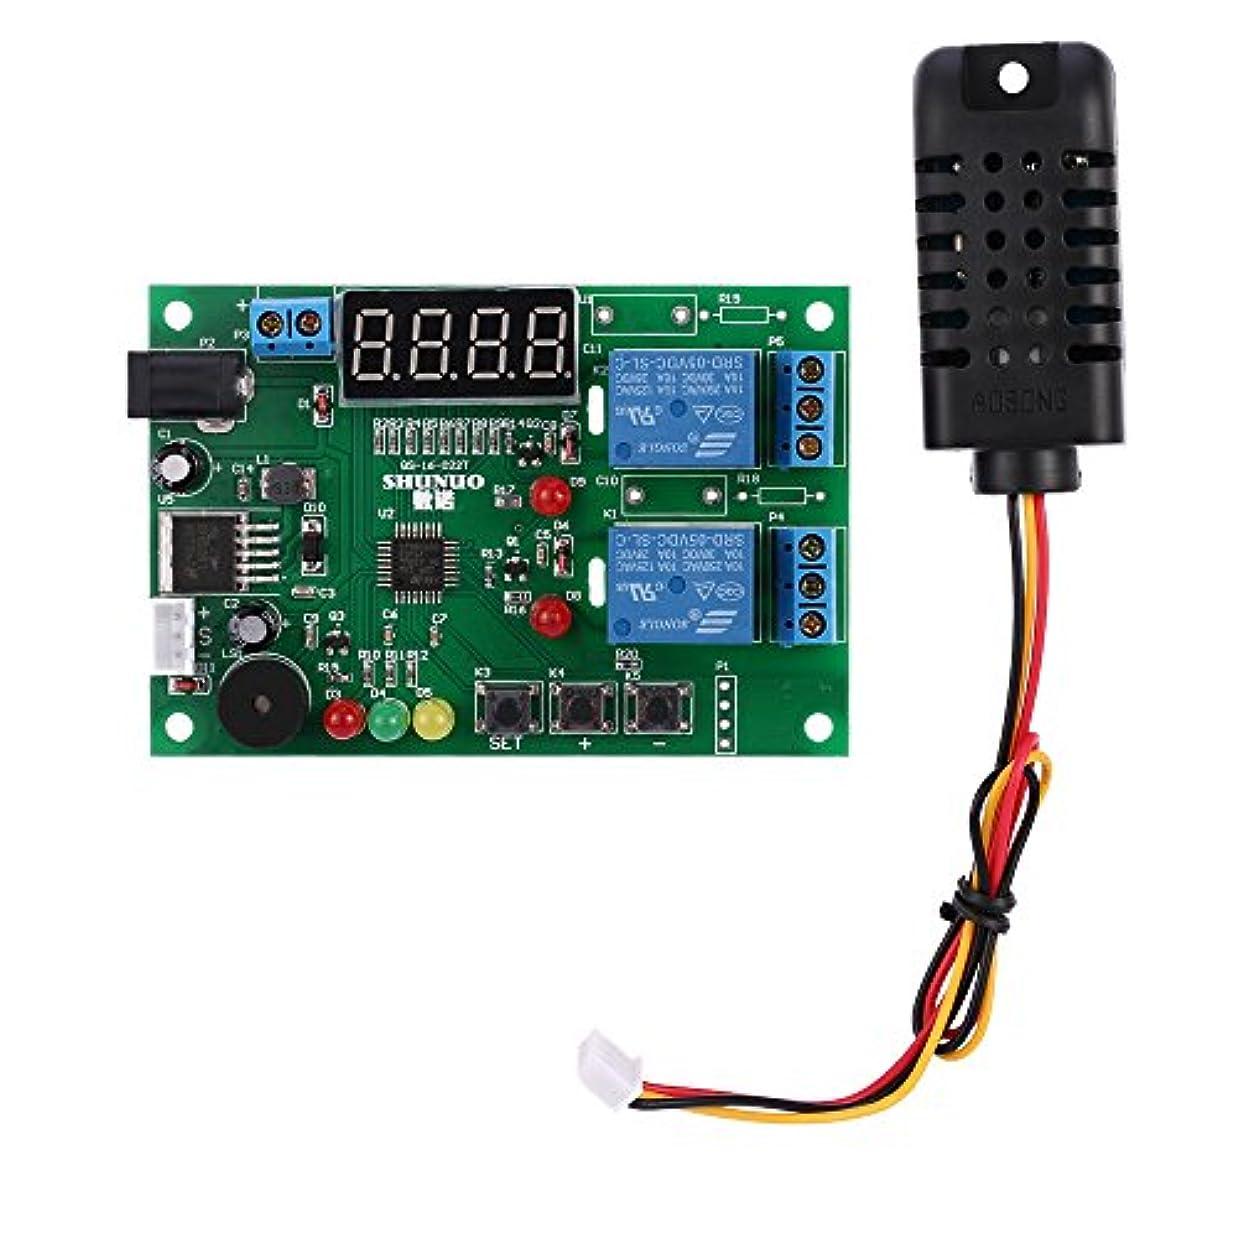 不愉快ダンスサミットWunes - LEDインジケータアラーム機能付きDC 5V~24Vデジタルインテリジェント温度&湿度コントローラの制御ボードモジュールリレー